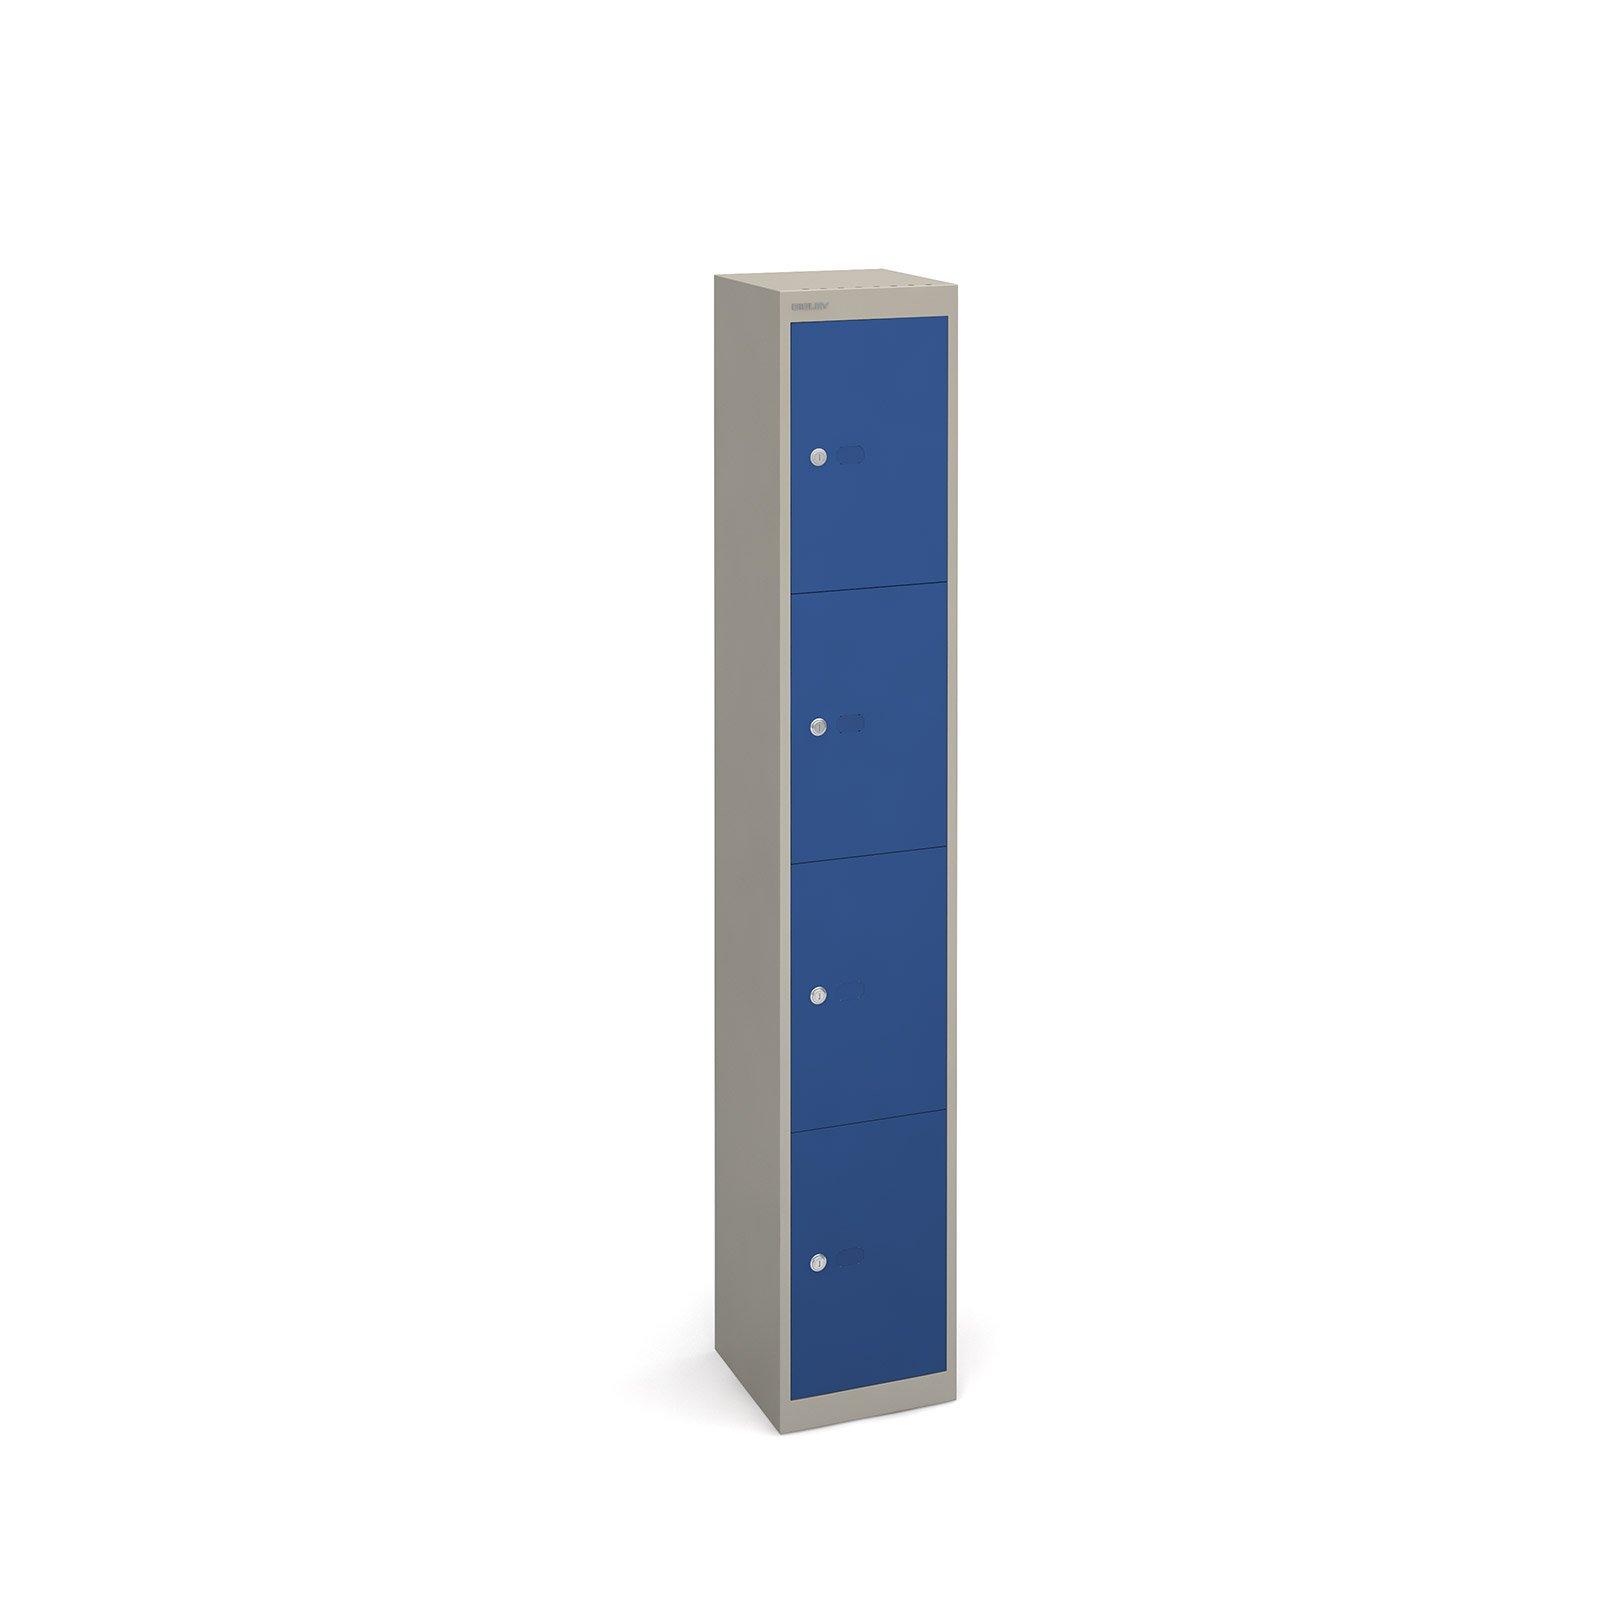 Bisley lockers with 4 doors 457mm deep - grey with blue doors